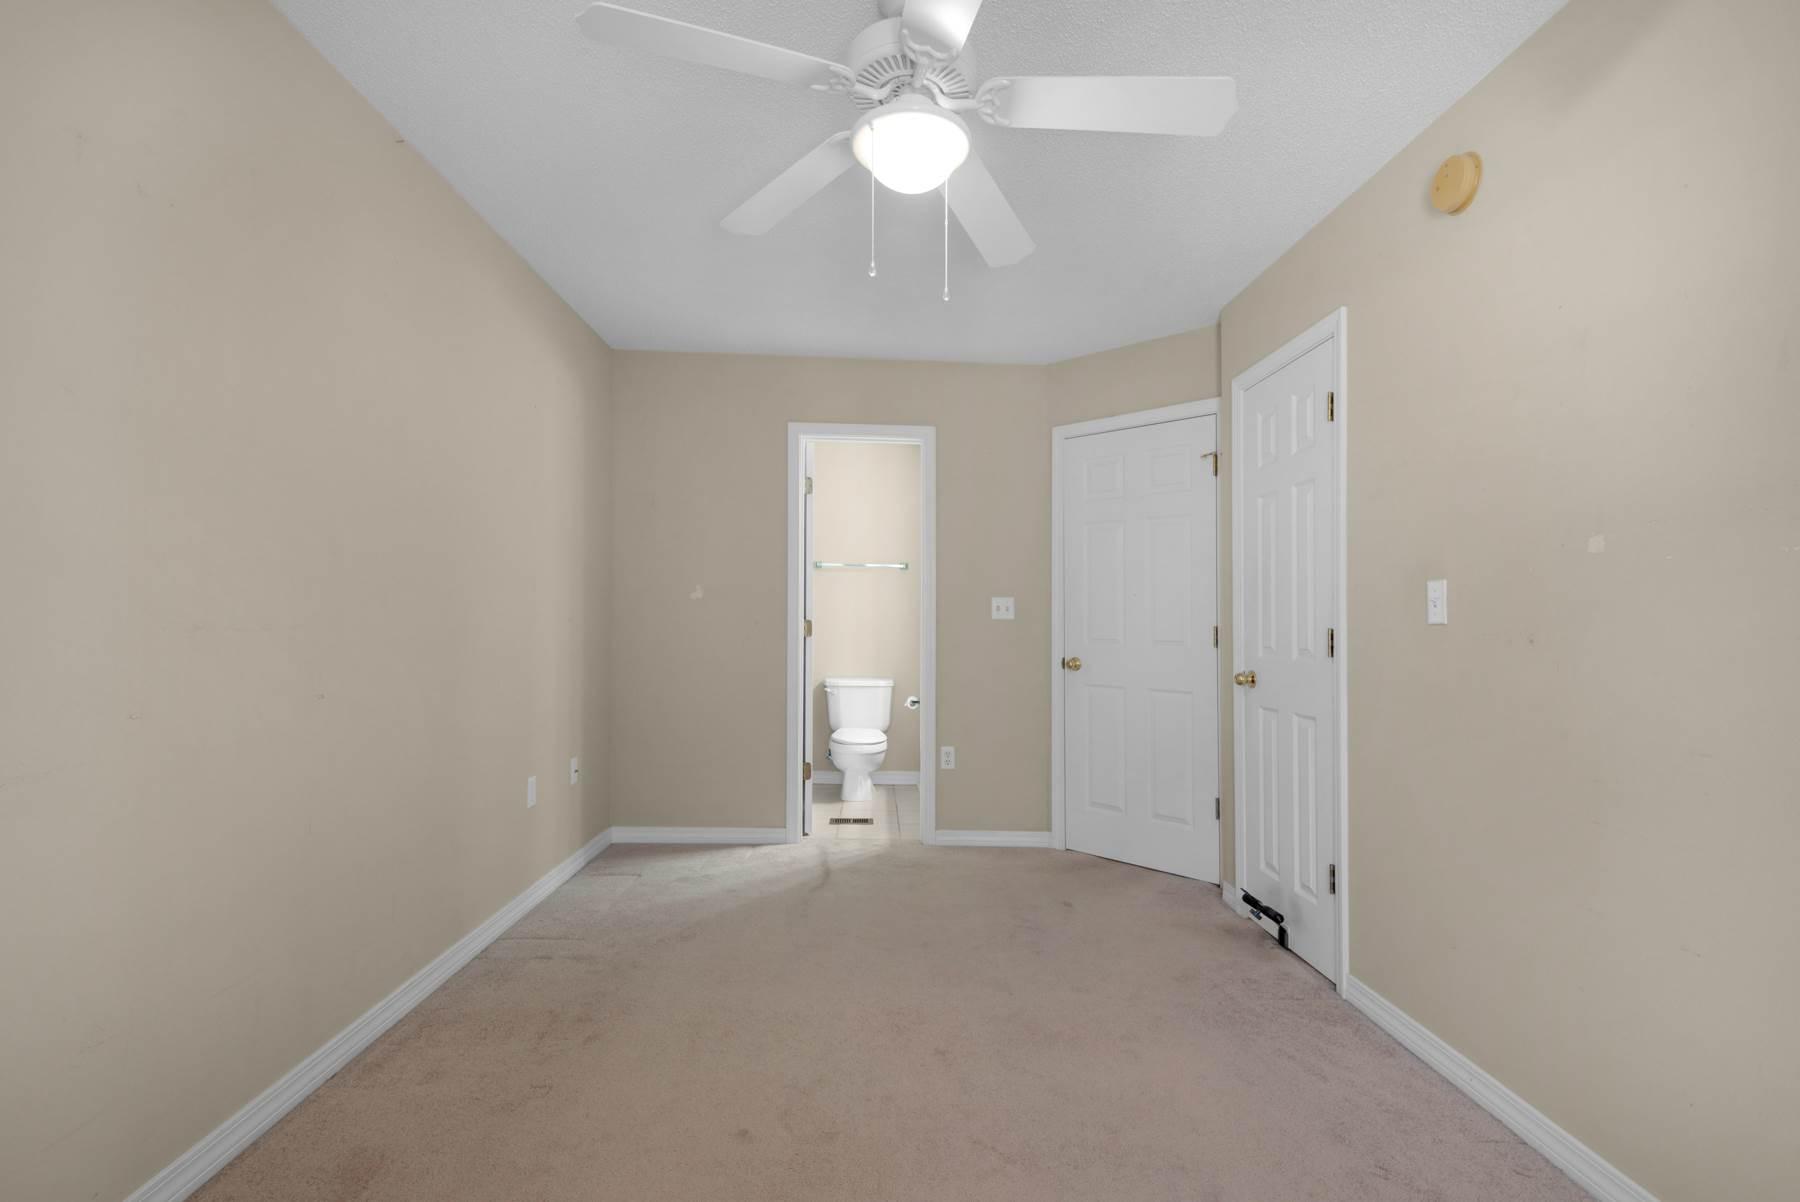 232 White Street, Unit 5, Niceville, FL 32578